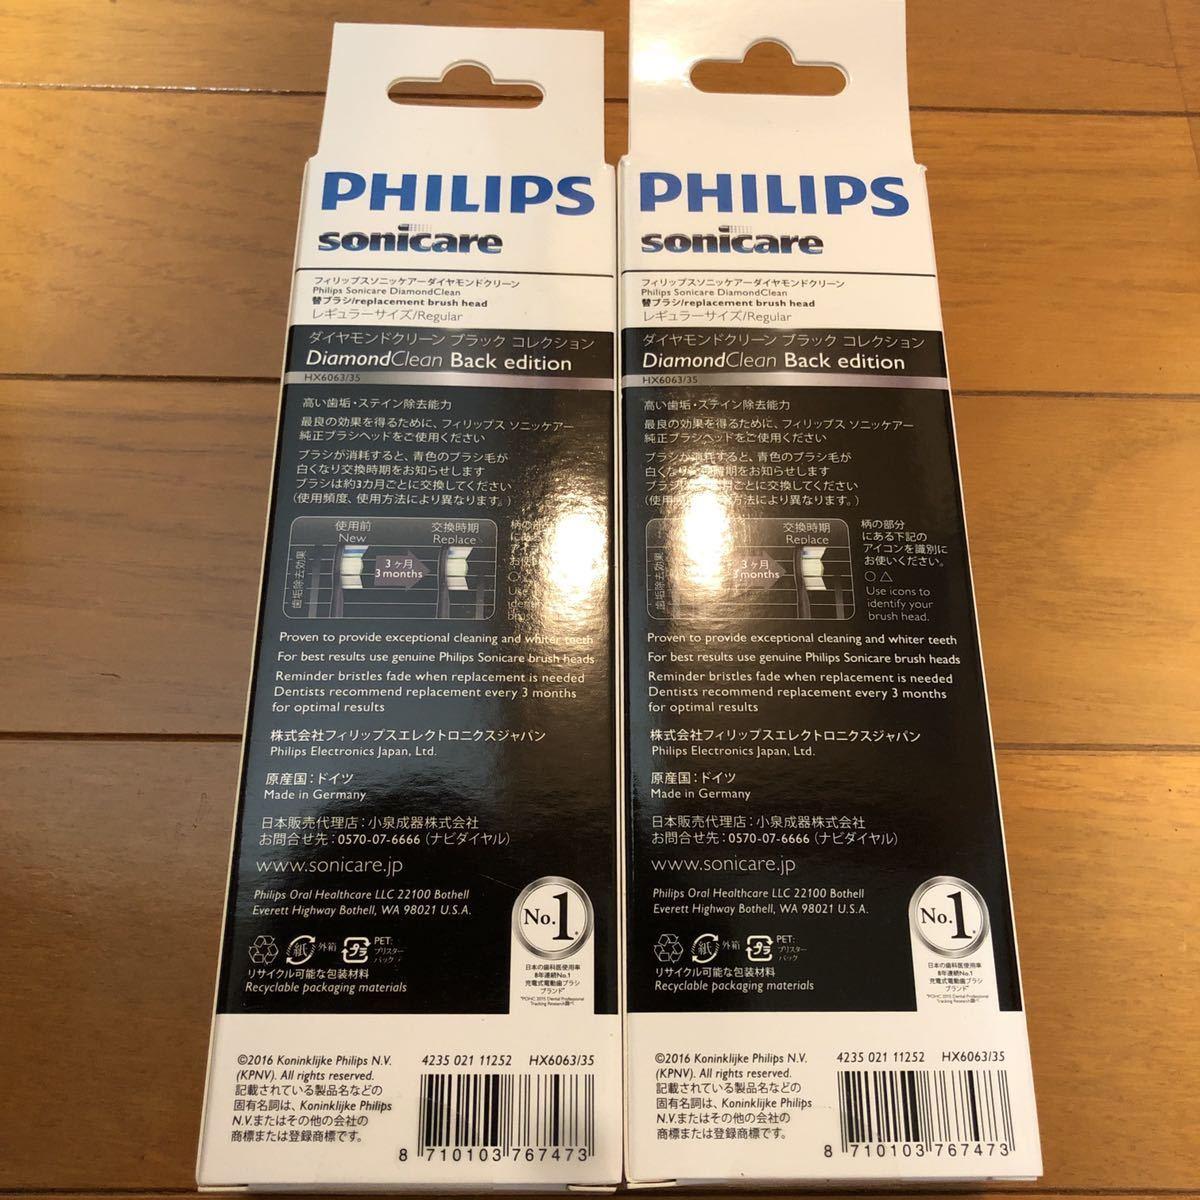 【2個】(正規品)フィリップス ソニッケアー 替ブラシ ダイヤモンドクリーン ブラシヘッド レギュラーサイズ ブラック 3本組 HX6063/35 S02_画像9